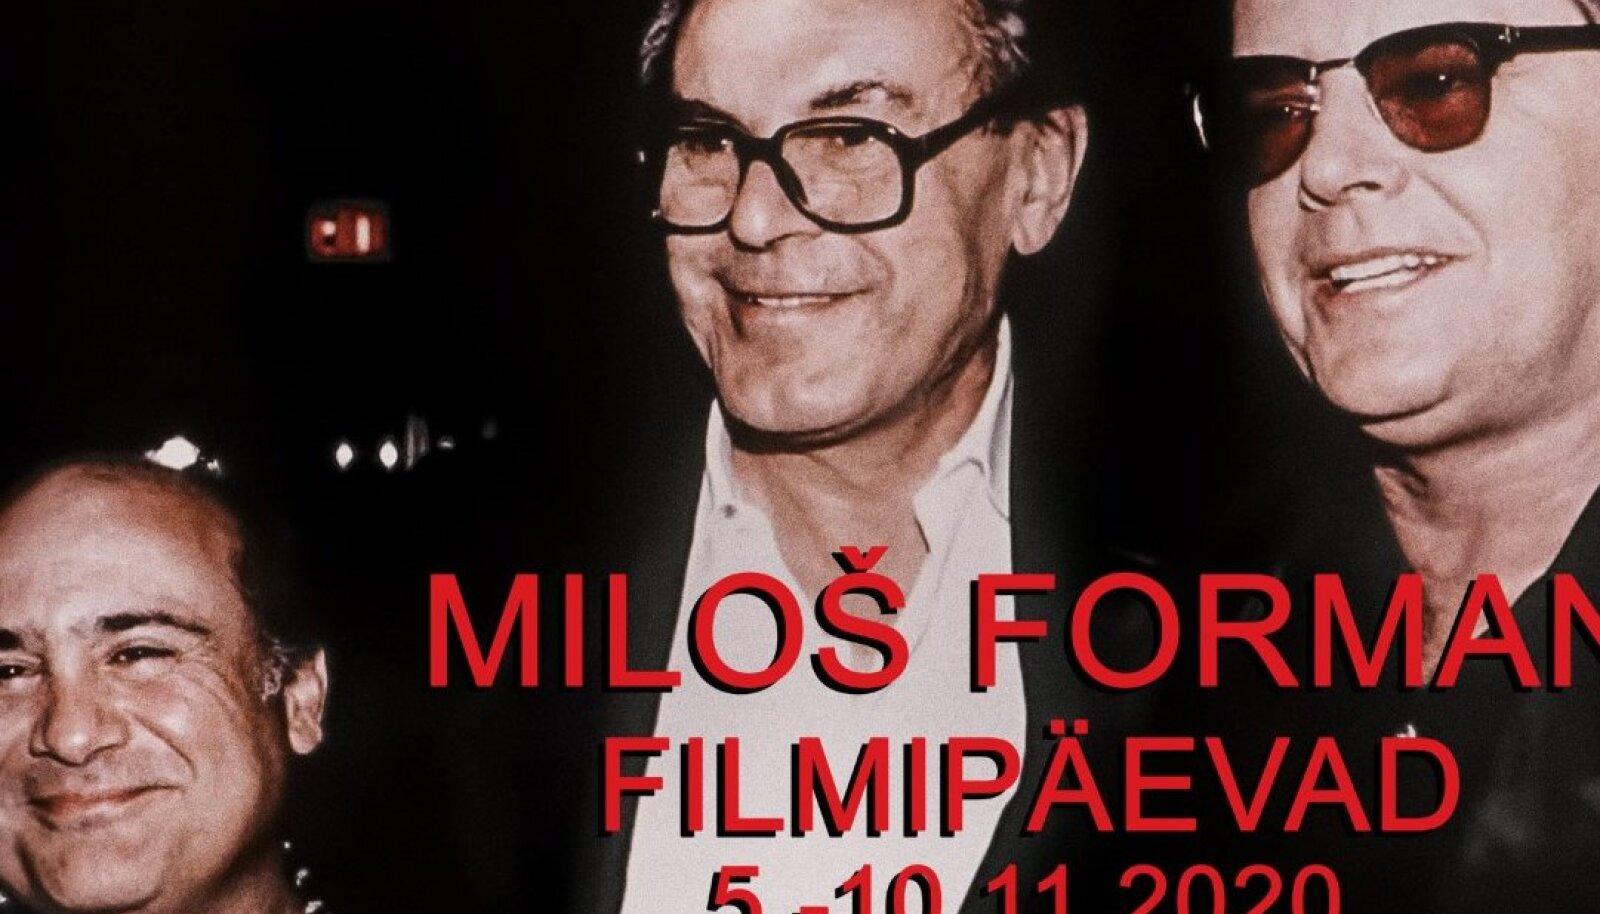 Miloš Formani filmipäevad